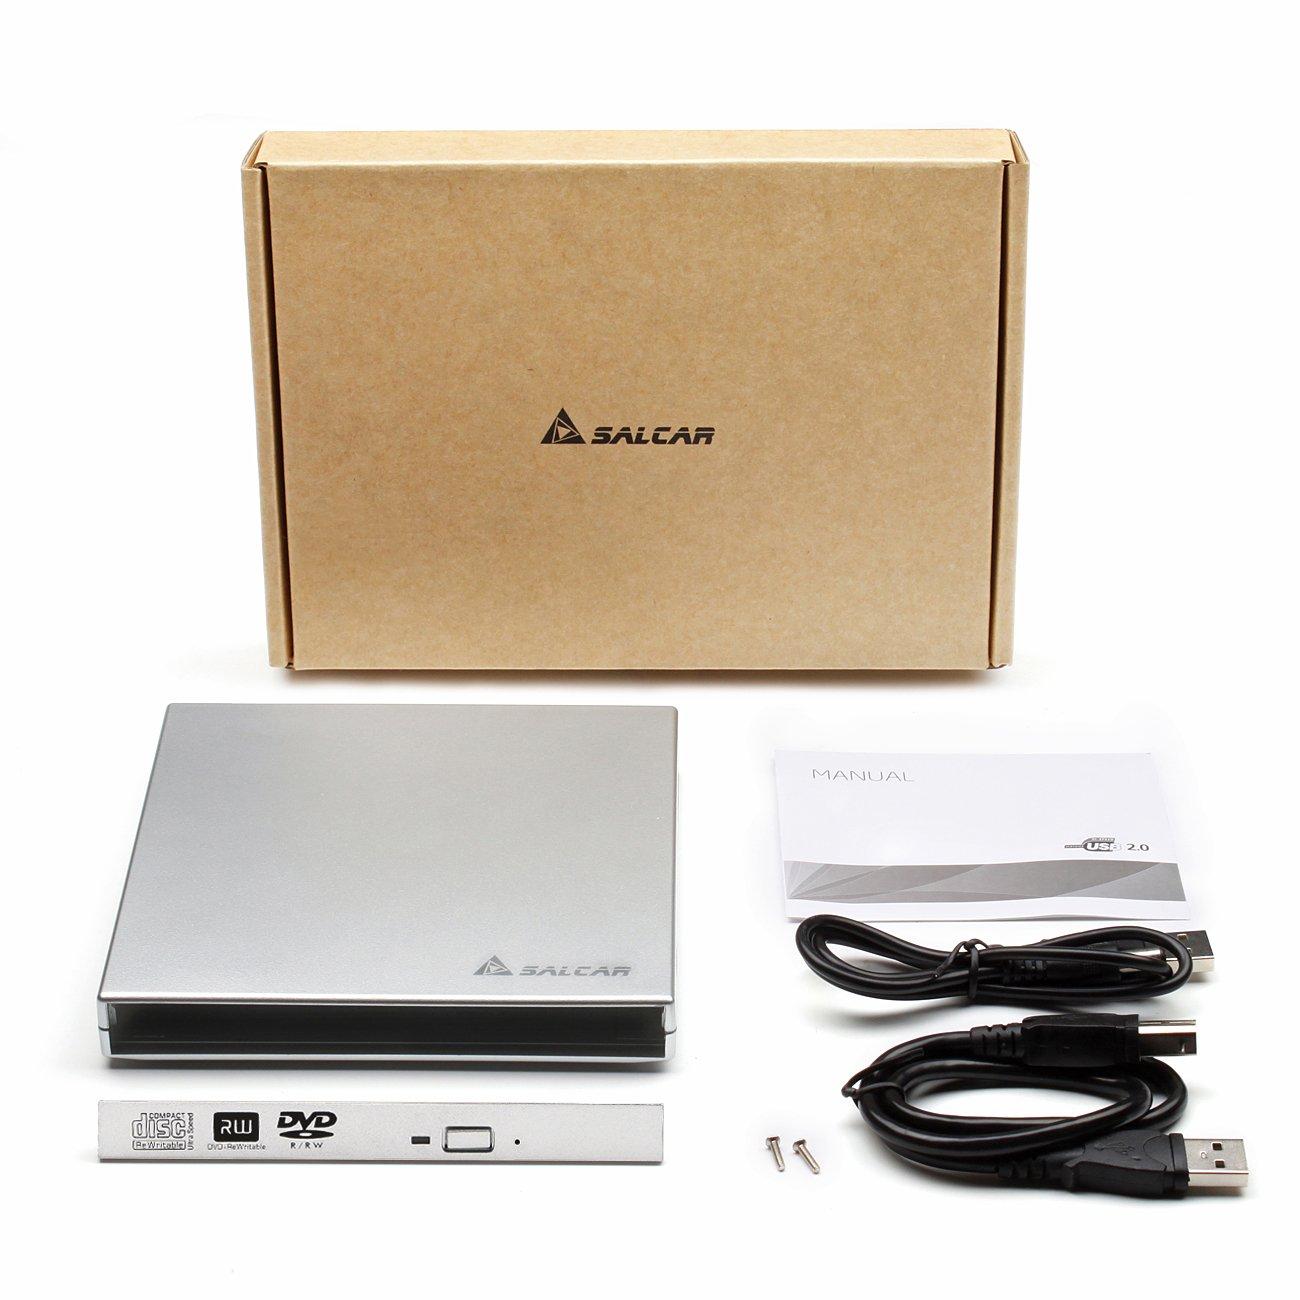 Salcar - DVD Externo Adaptador Caja Carcasa para unidades de almacenamiento portátiles SATA para unidades de reproducción de Notebook CD/DVD Drive de ...